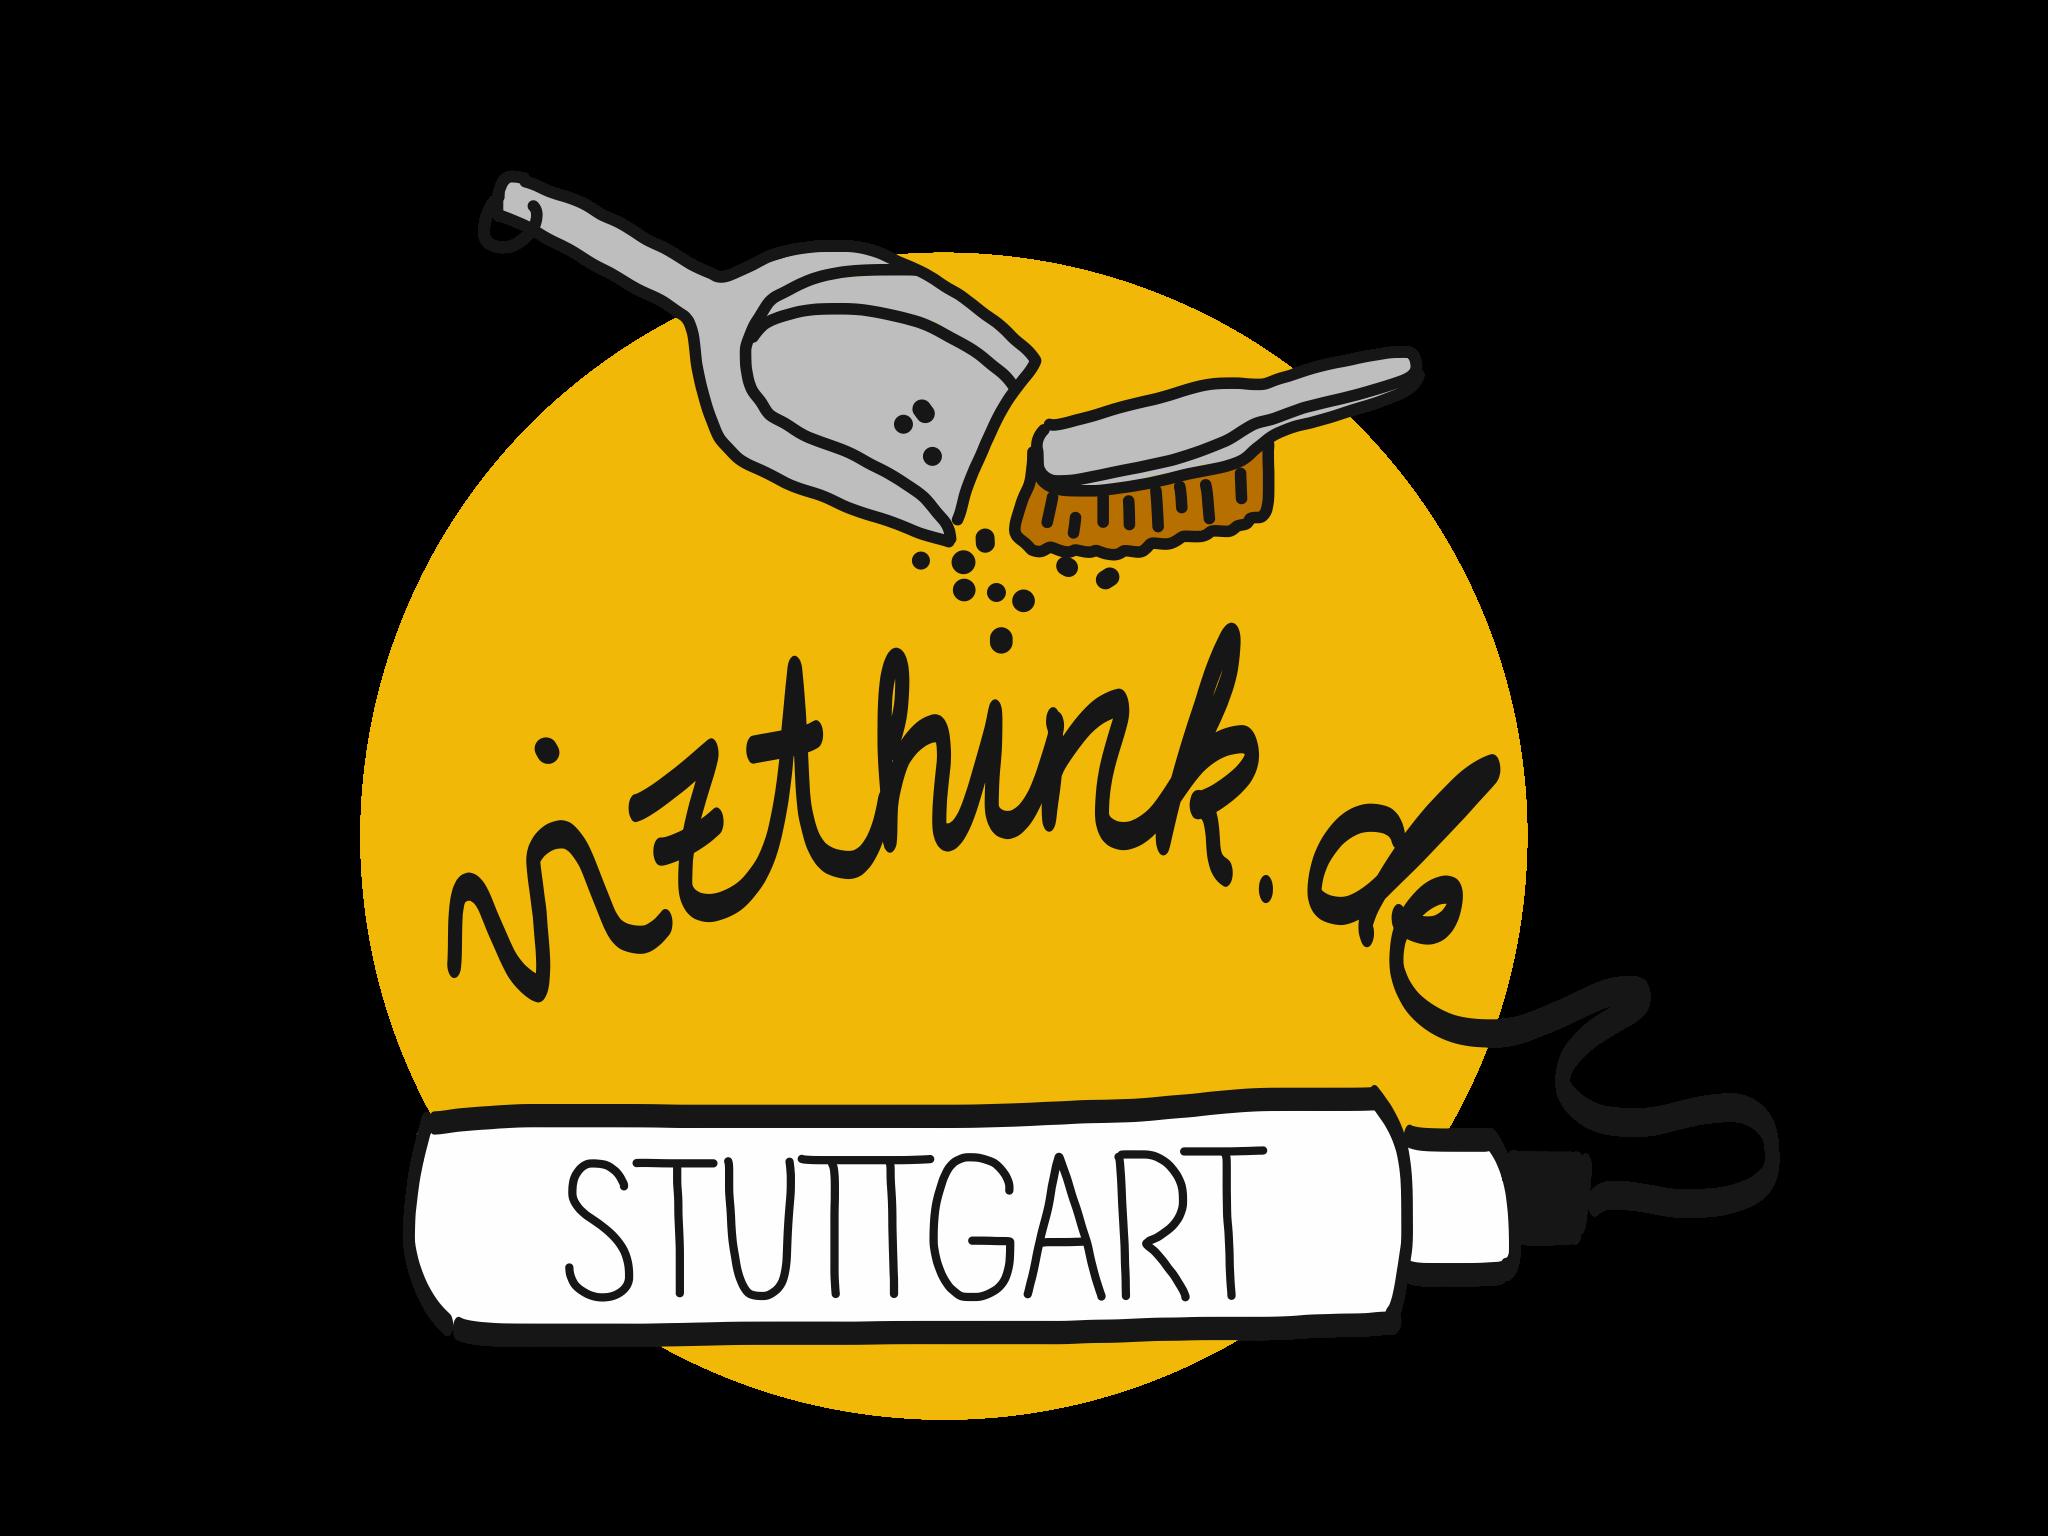 vizthink_stuttgart